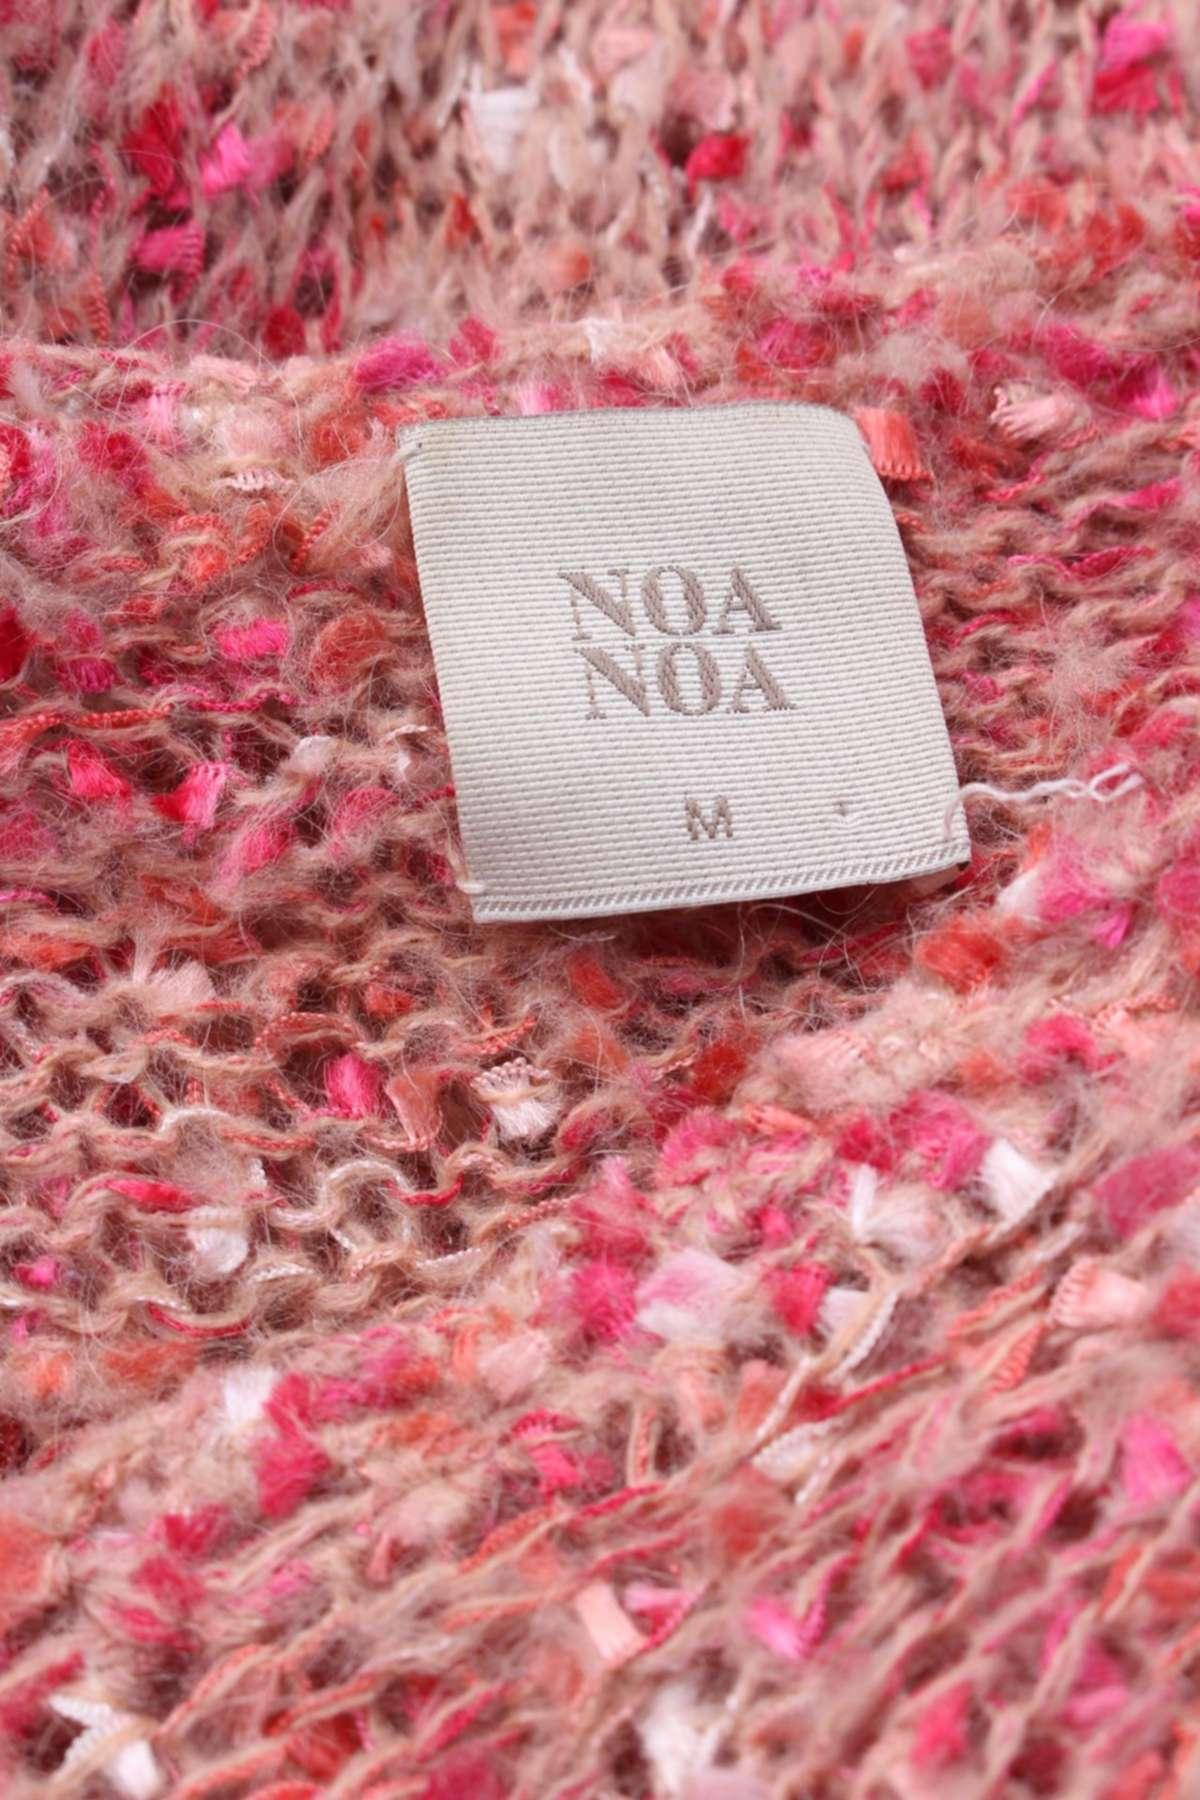 Дамска жилетка Noa Noa2